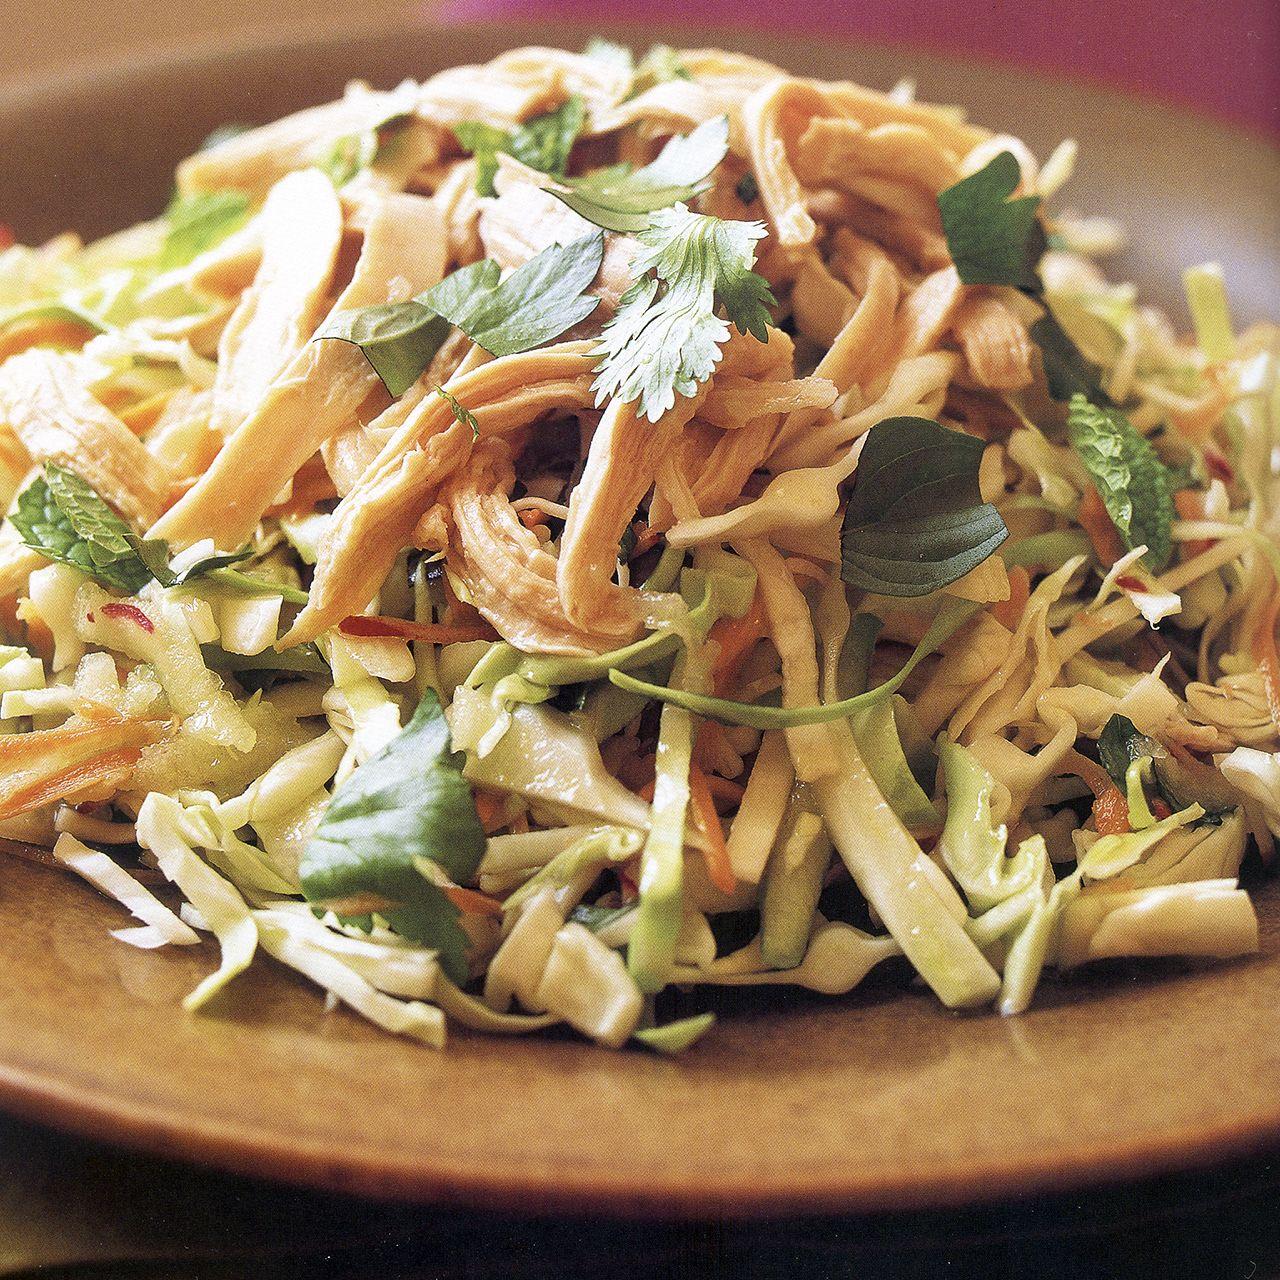 Vietnamese Cabbage-and-Chicken Salad